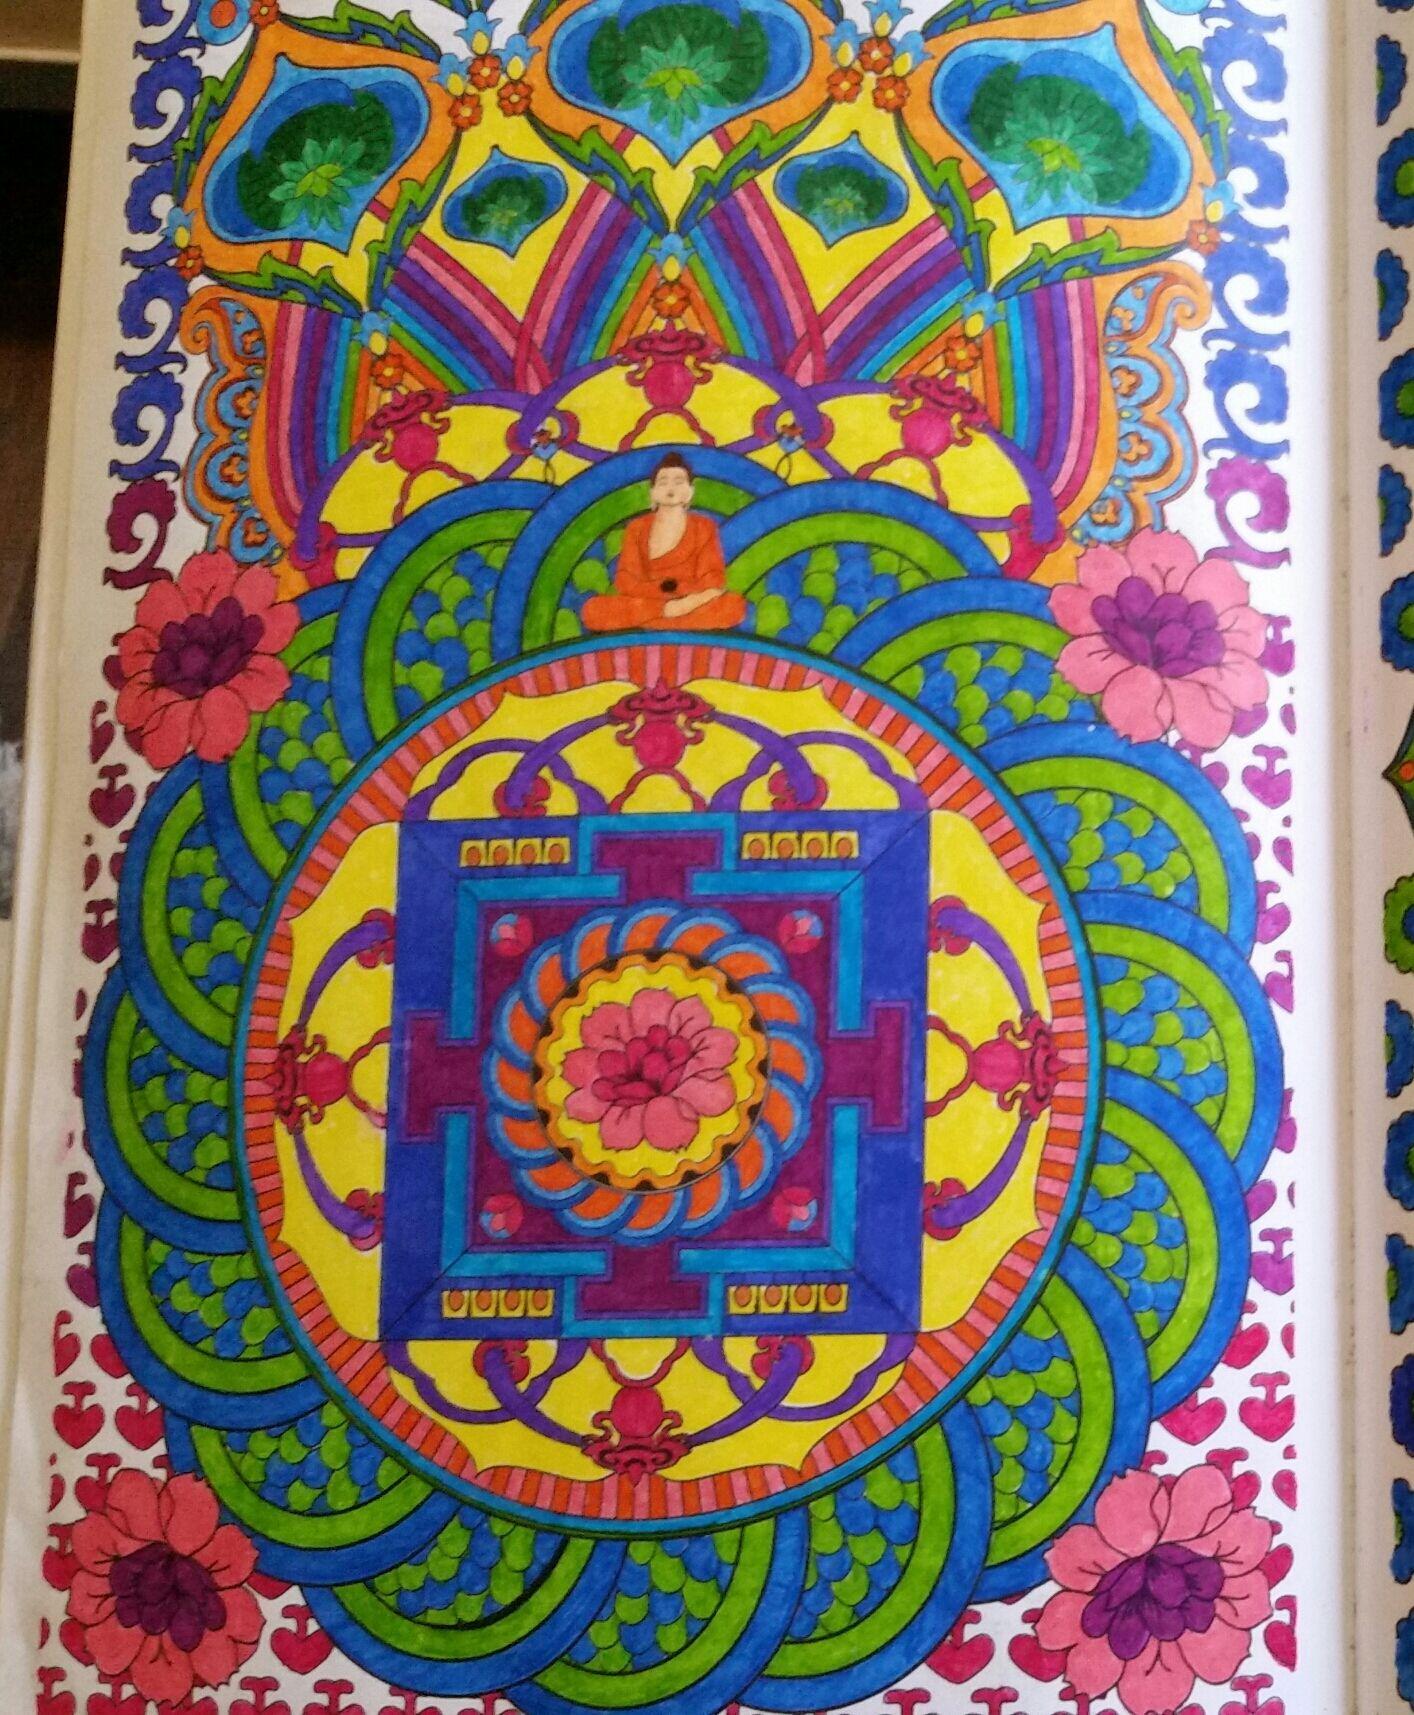 Du livre art th rapie 100 mandalas anti stress hachette arttherapy hachette colouringartbooks - Coloriage art therapie ...